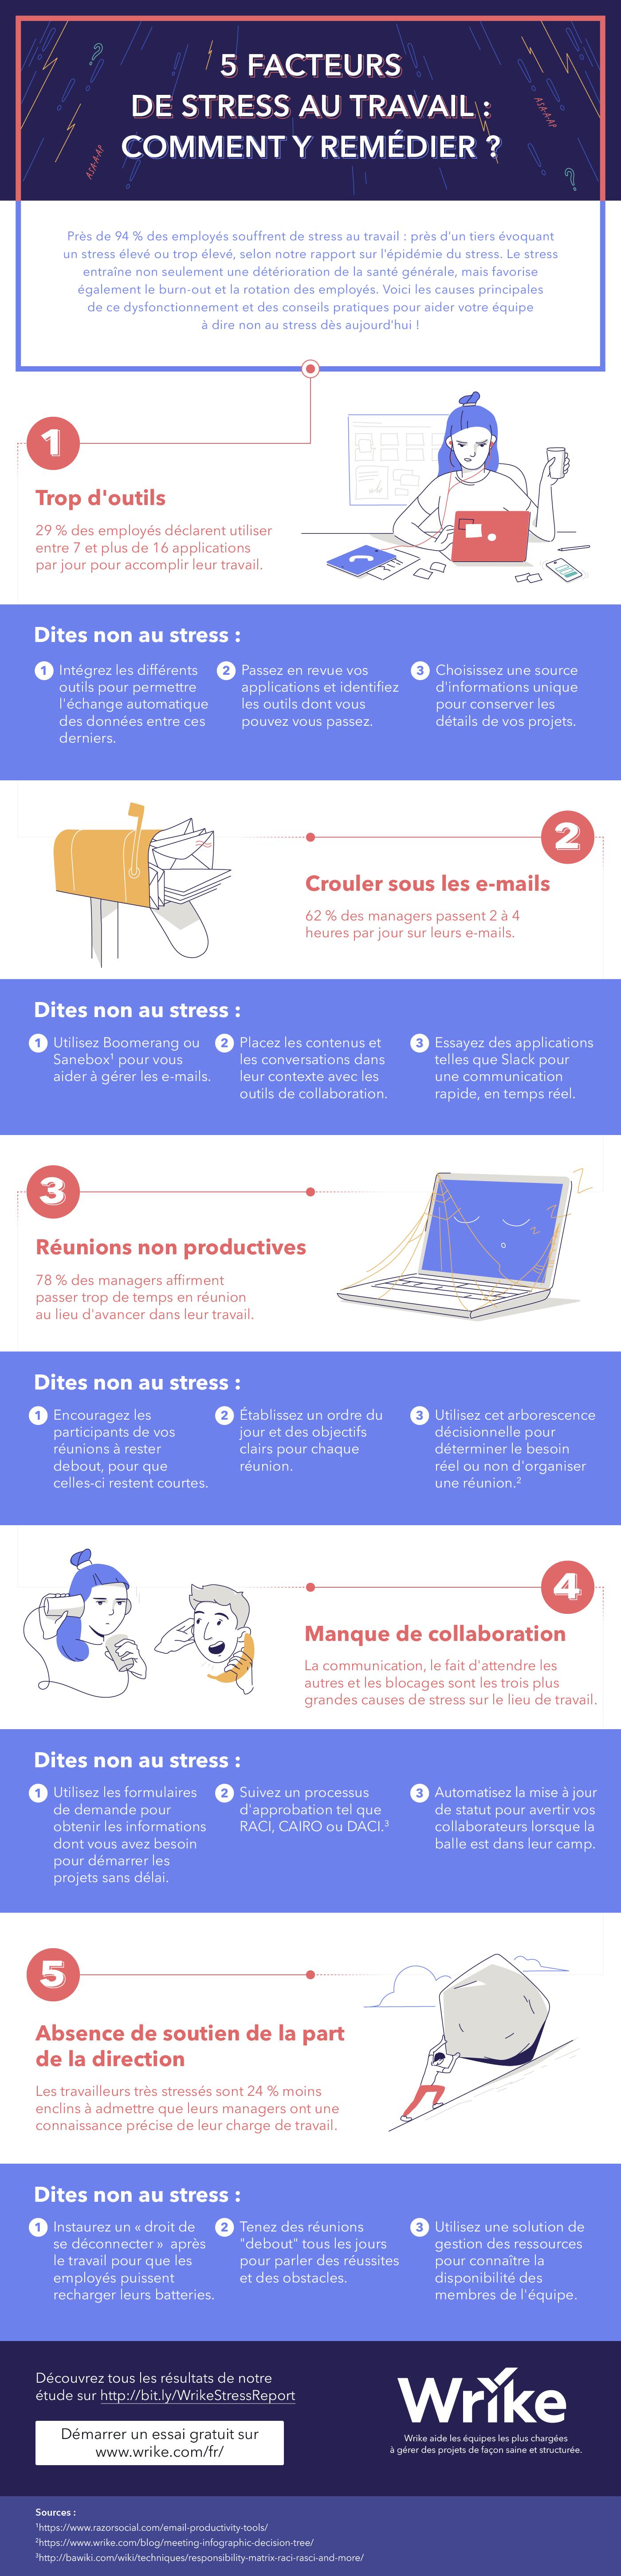 stress-au-travail-pourquoi-le-ressentez-vous-comment-y-remedier